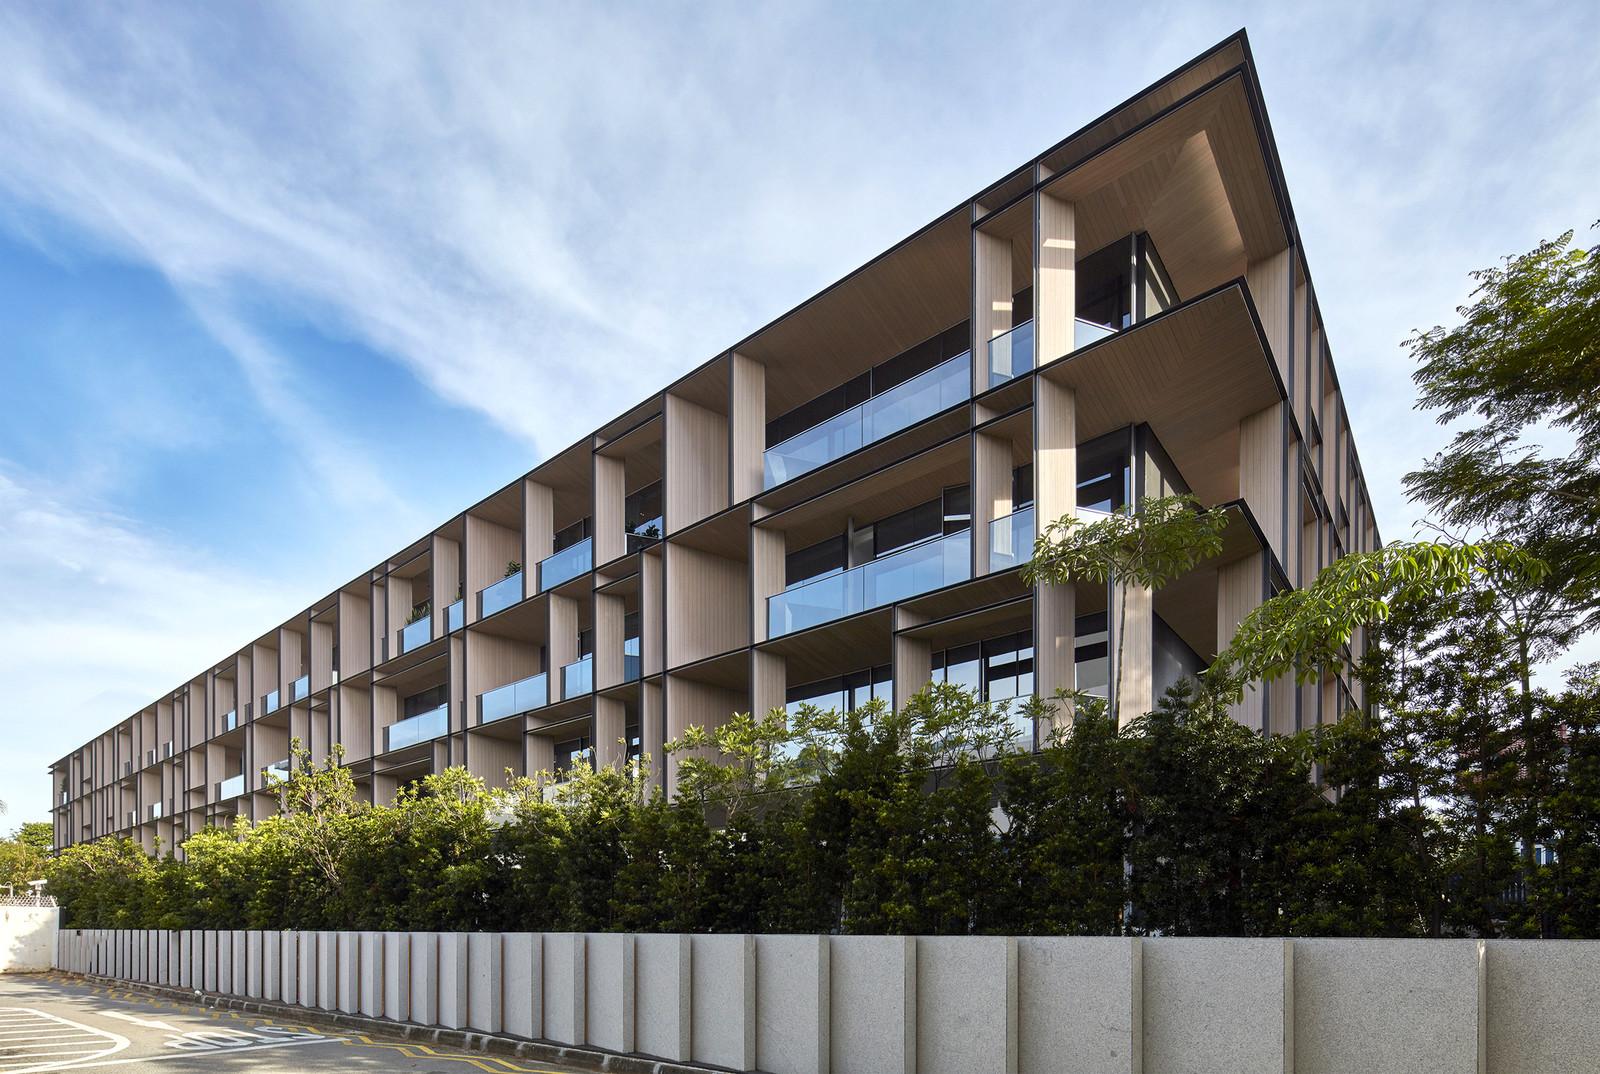 Многоквартирный дом в Сингапуре